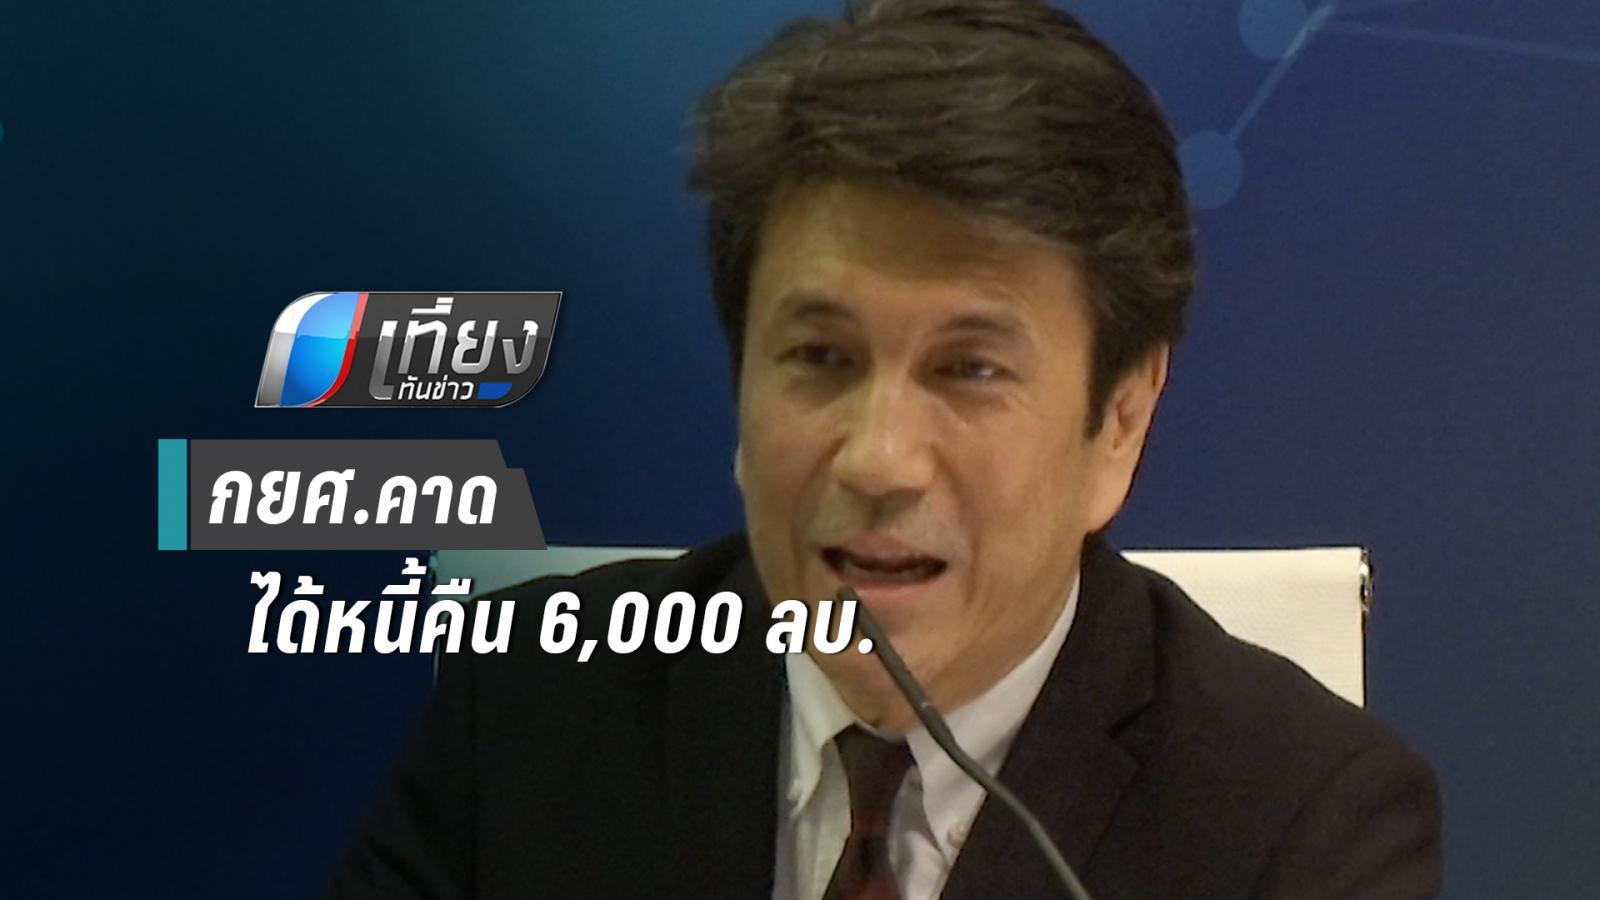 กยศ.คาดปีนี้ได้หนี้คืนกว่า 6,000 ล้านบาท